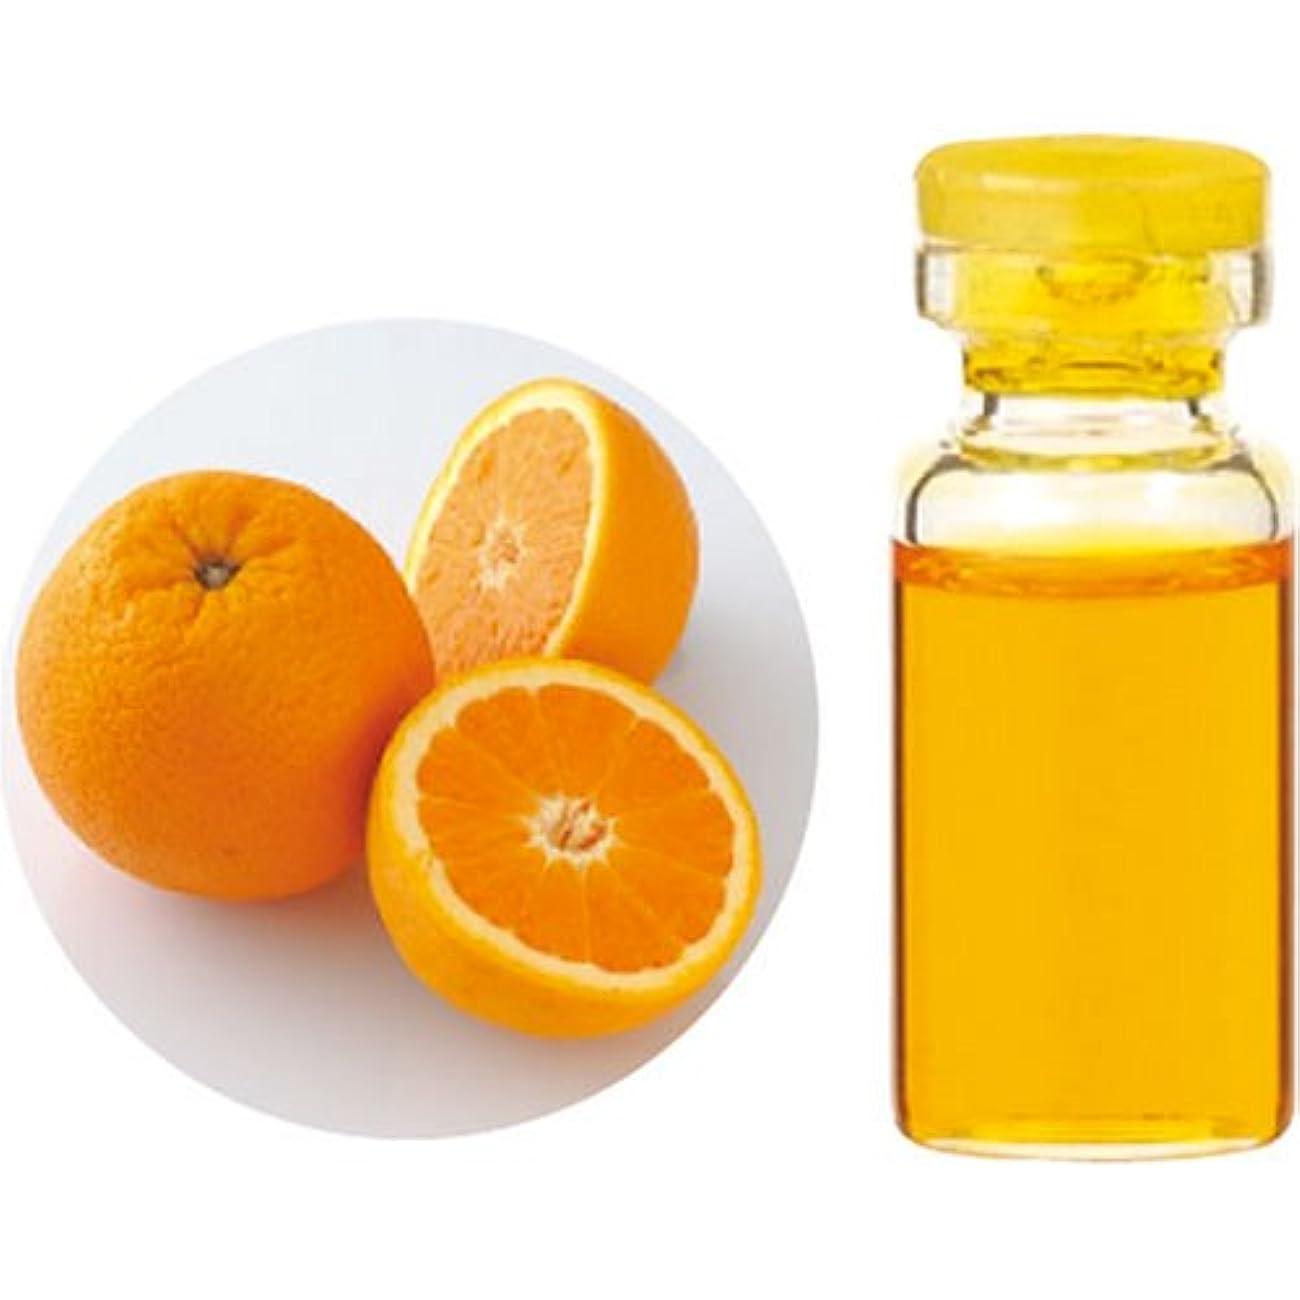 コロニー膨らませる明らかHerbalLife スィートオレンジ 10ml